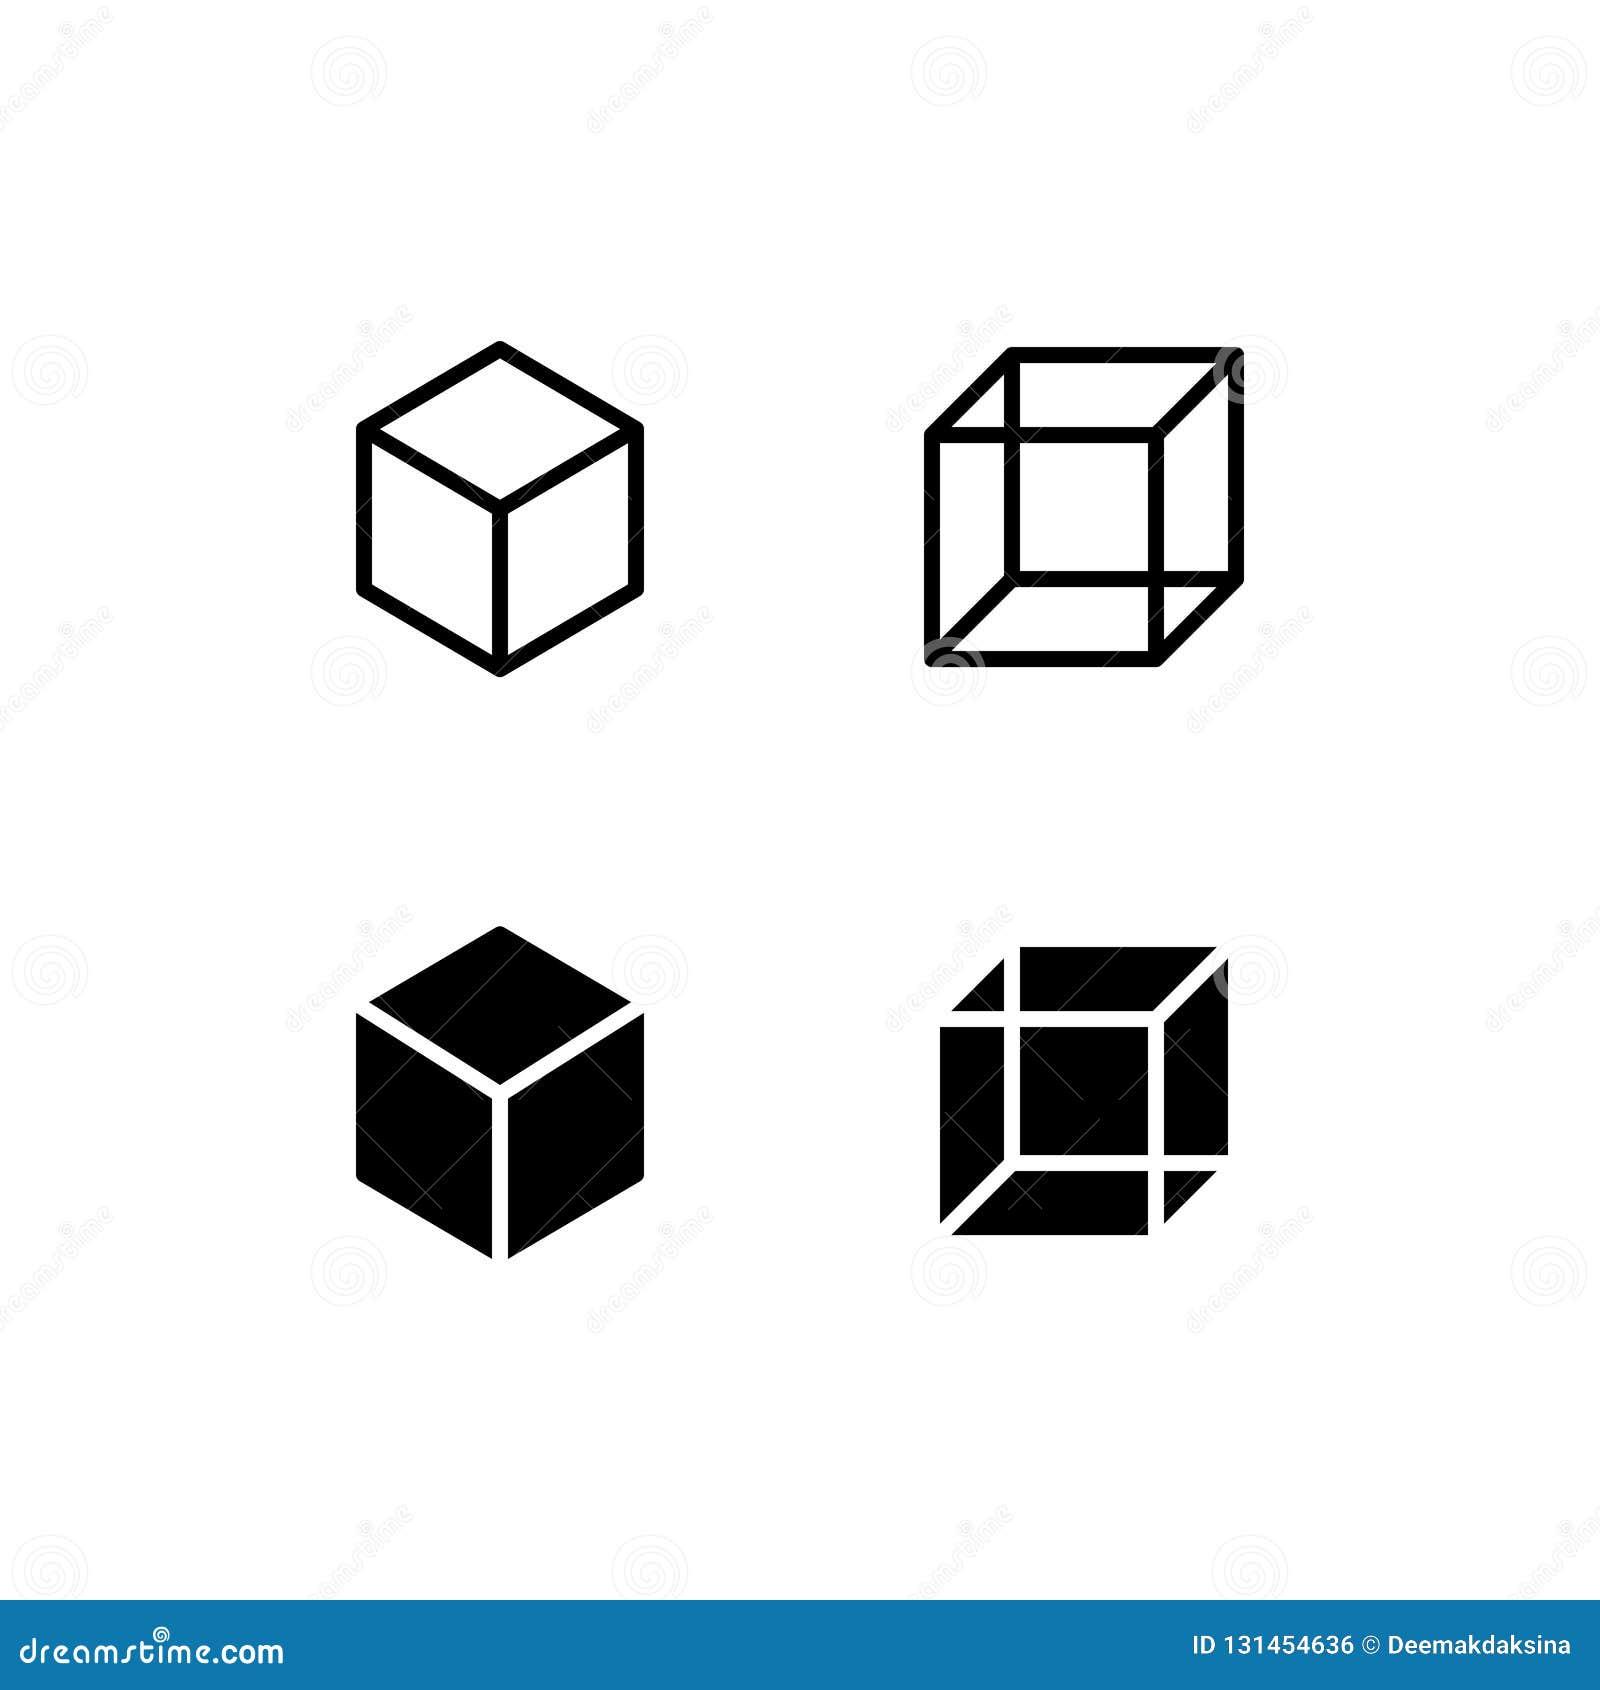 Διανυσματικό σύμβολο λογότυπων εικονιδίων κύβων Τετραγωνικό εικονίδιο που απομονώνεται στο άσπρο υπόβαθρο